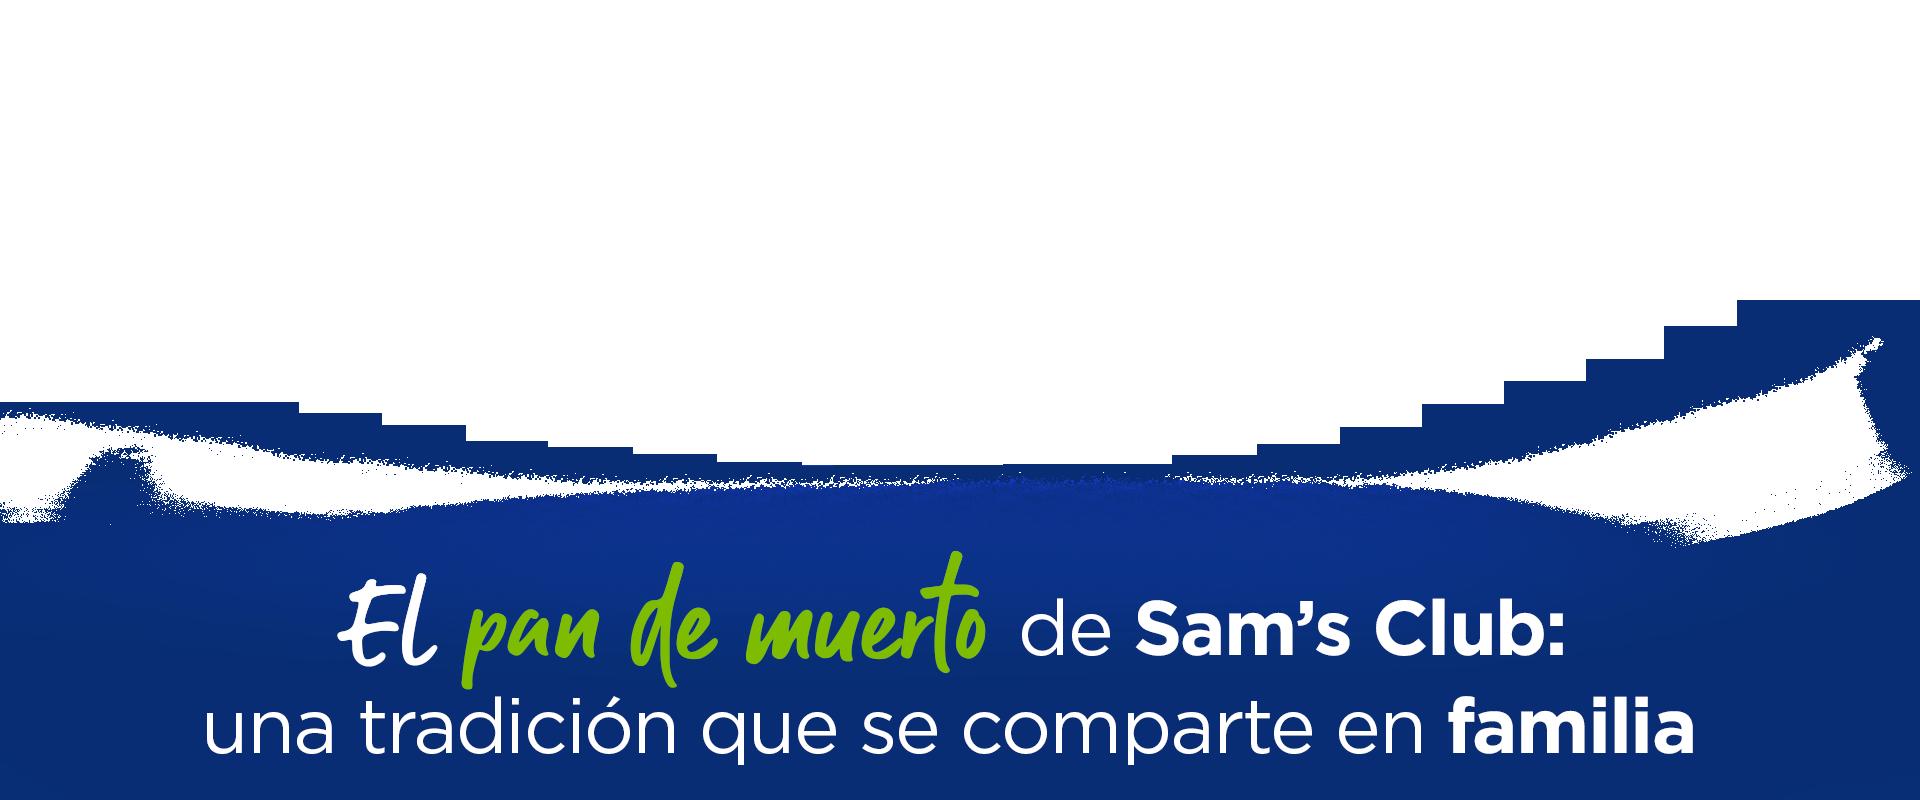 El pan de muerto de Sam's Club: una tradición que se comparte en familia